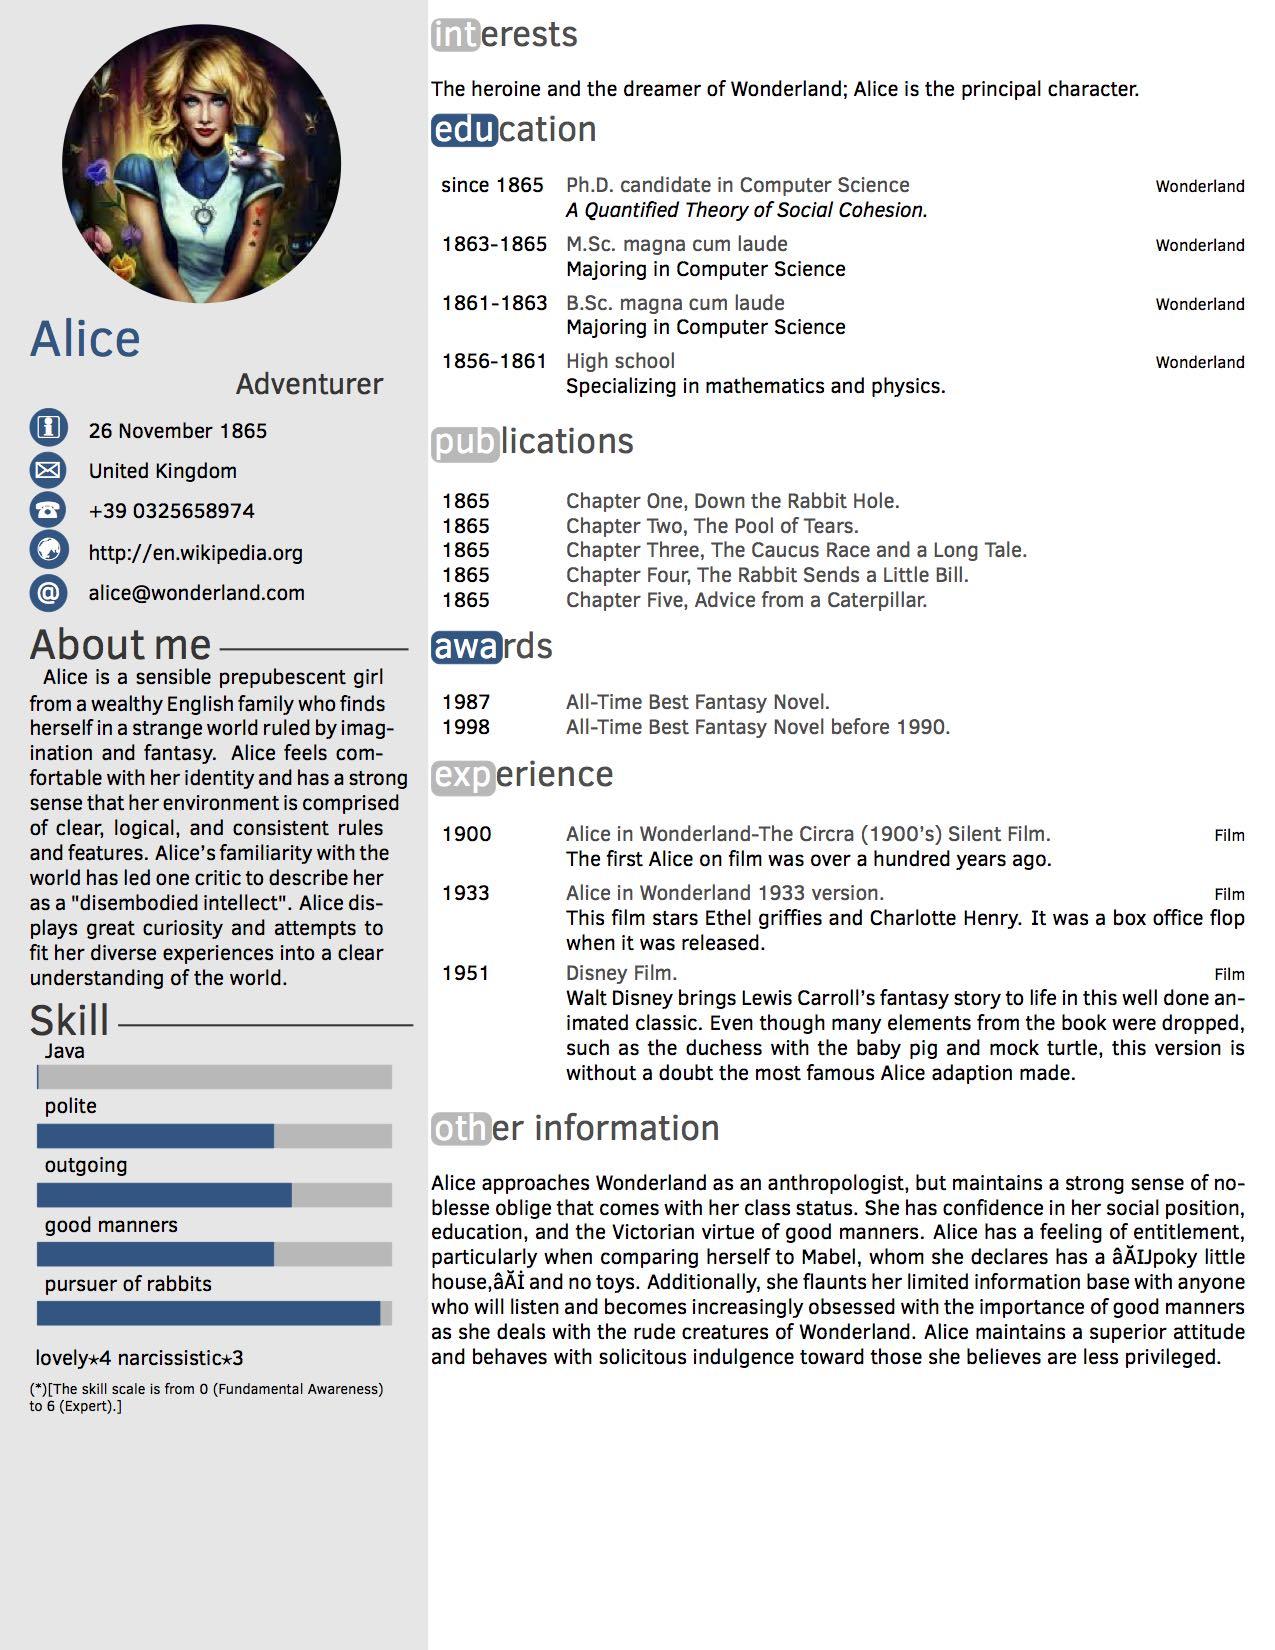 sample résumé